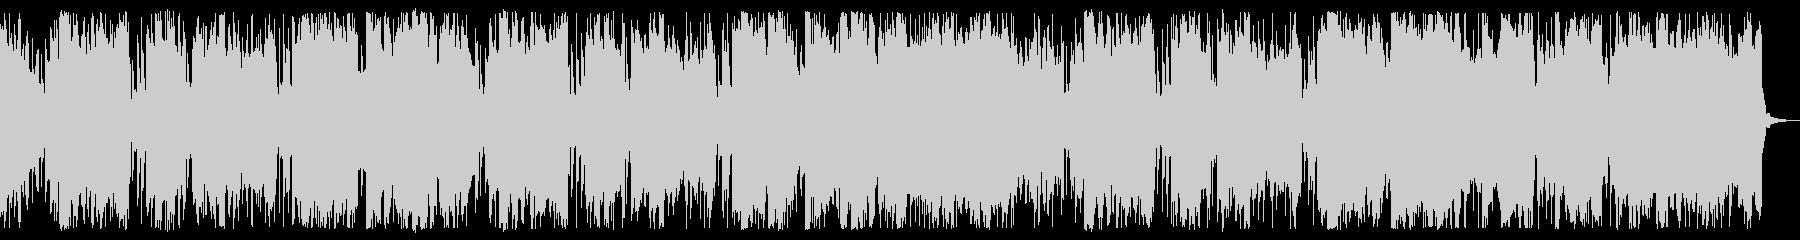 スローでアンニュイなチップチューンの未再生の波形